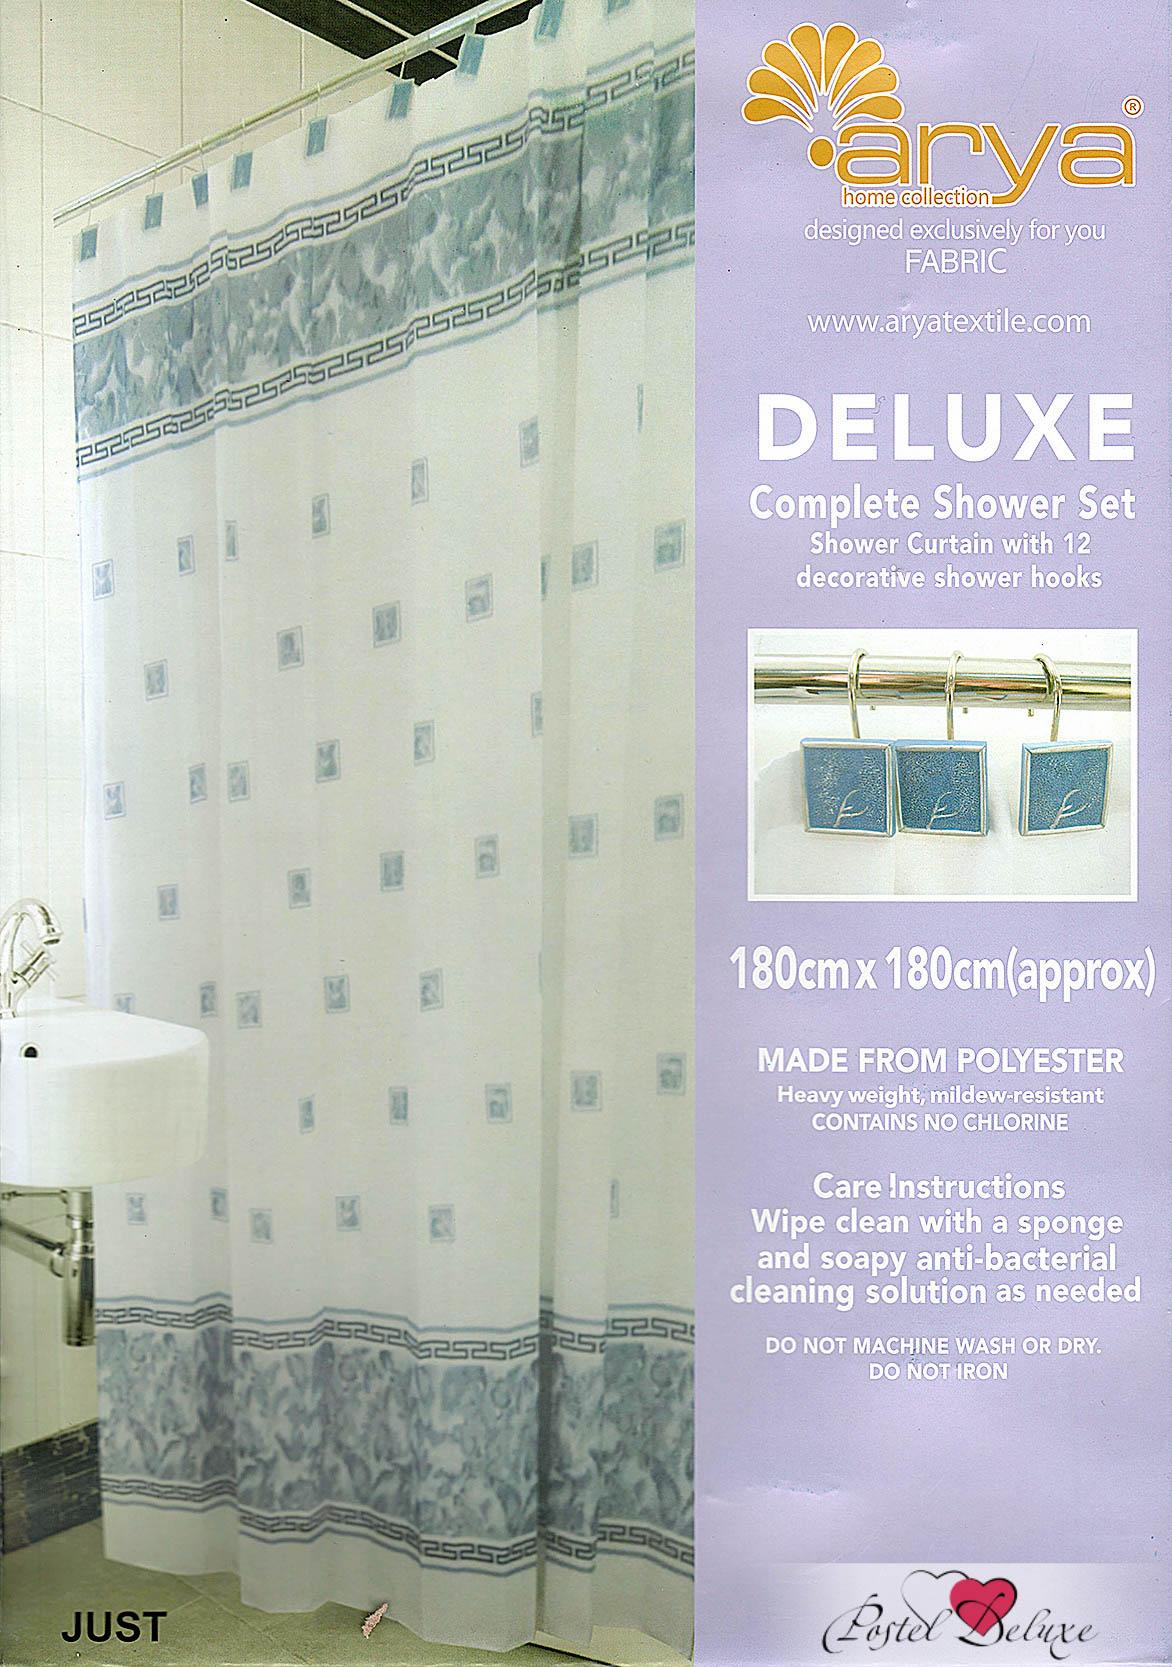 Шторы для ванной AryaПростыни без резинки<br>Производитель: Arya<br>Страна производства: Турция<br>Шторы для ванной<br>Состав: Полиэстер<br>Размер: 180х180 см<br><br>Тип: шторы для ванной<br>Размерность комплекта: для ванной<br>Материал: Полиэстер<br>Размер наволочки: None<br>Подарочная упаковка: для ванной<br>Для детей: нет для ванной<br>Ткань: Полиэстер<br>Цвет: Белый,Синий